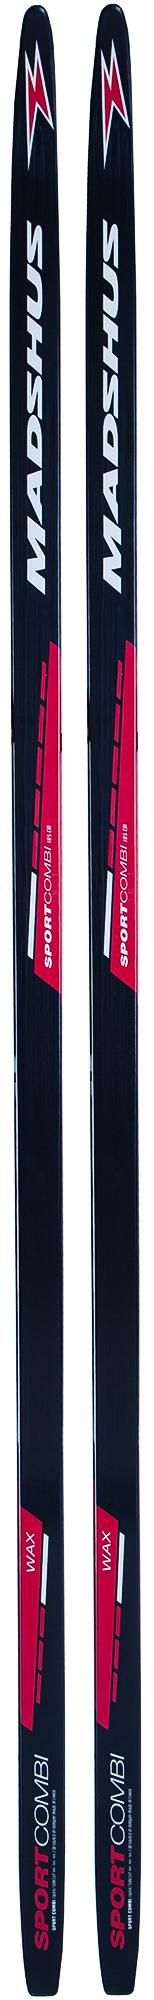 купить Madshus Беговые лыжи Madshus Sport Combi Wax дешево